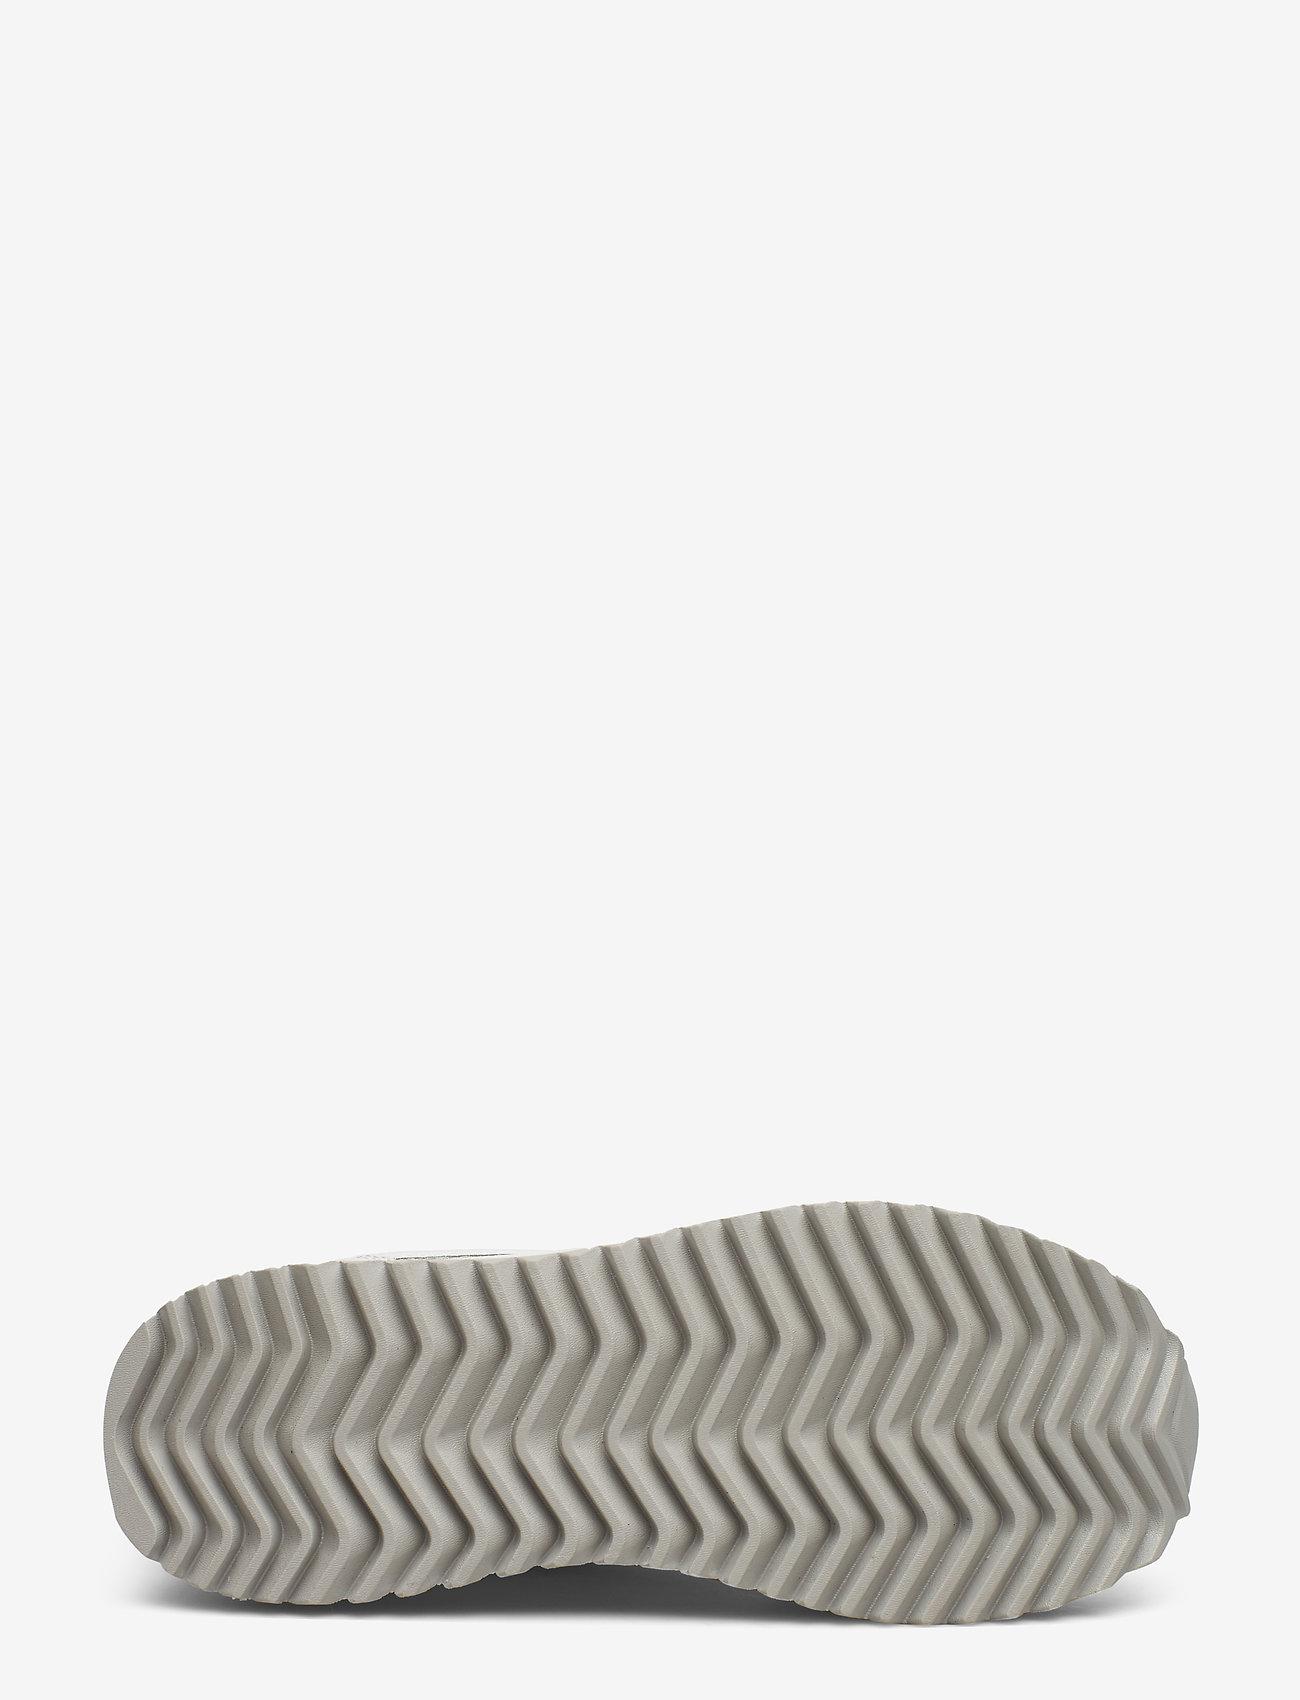 Orbit Zeppa Stripe Wmn (White/ Stripe) - FILA